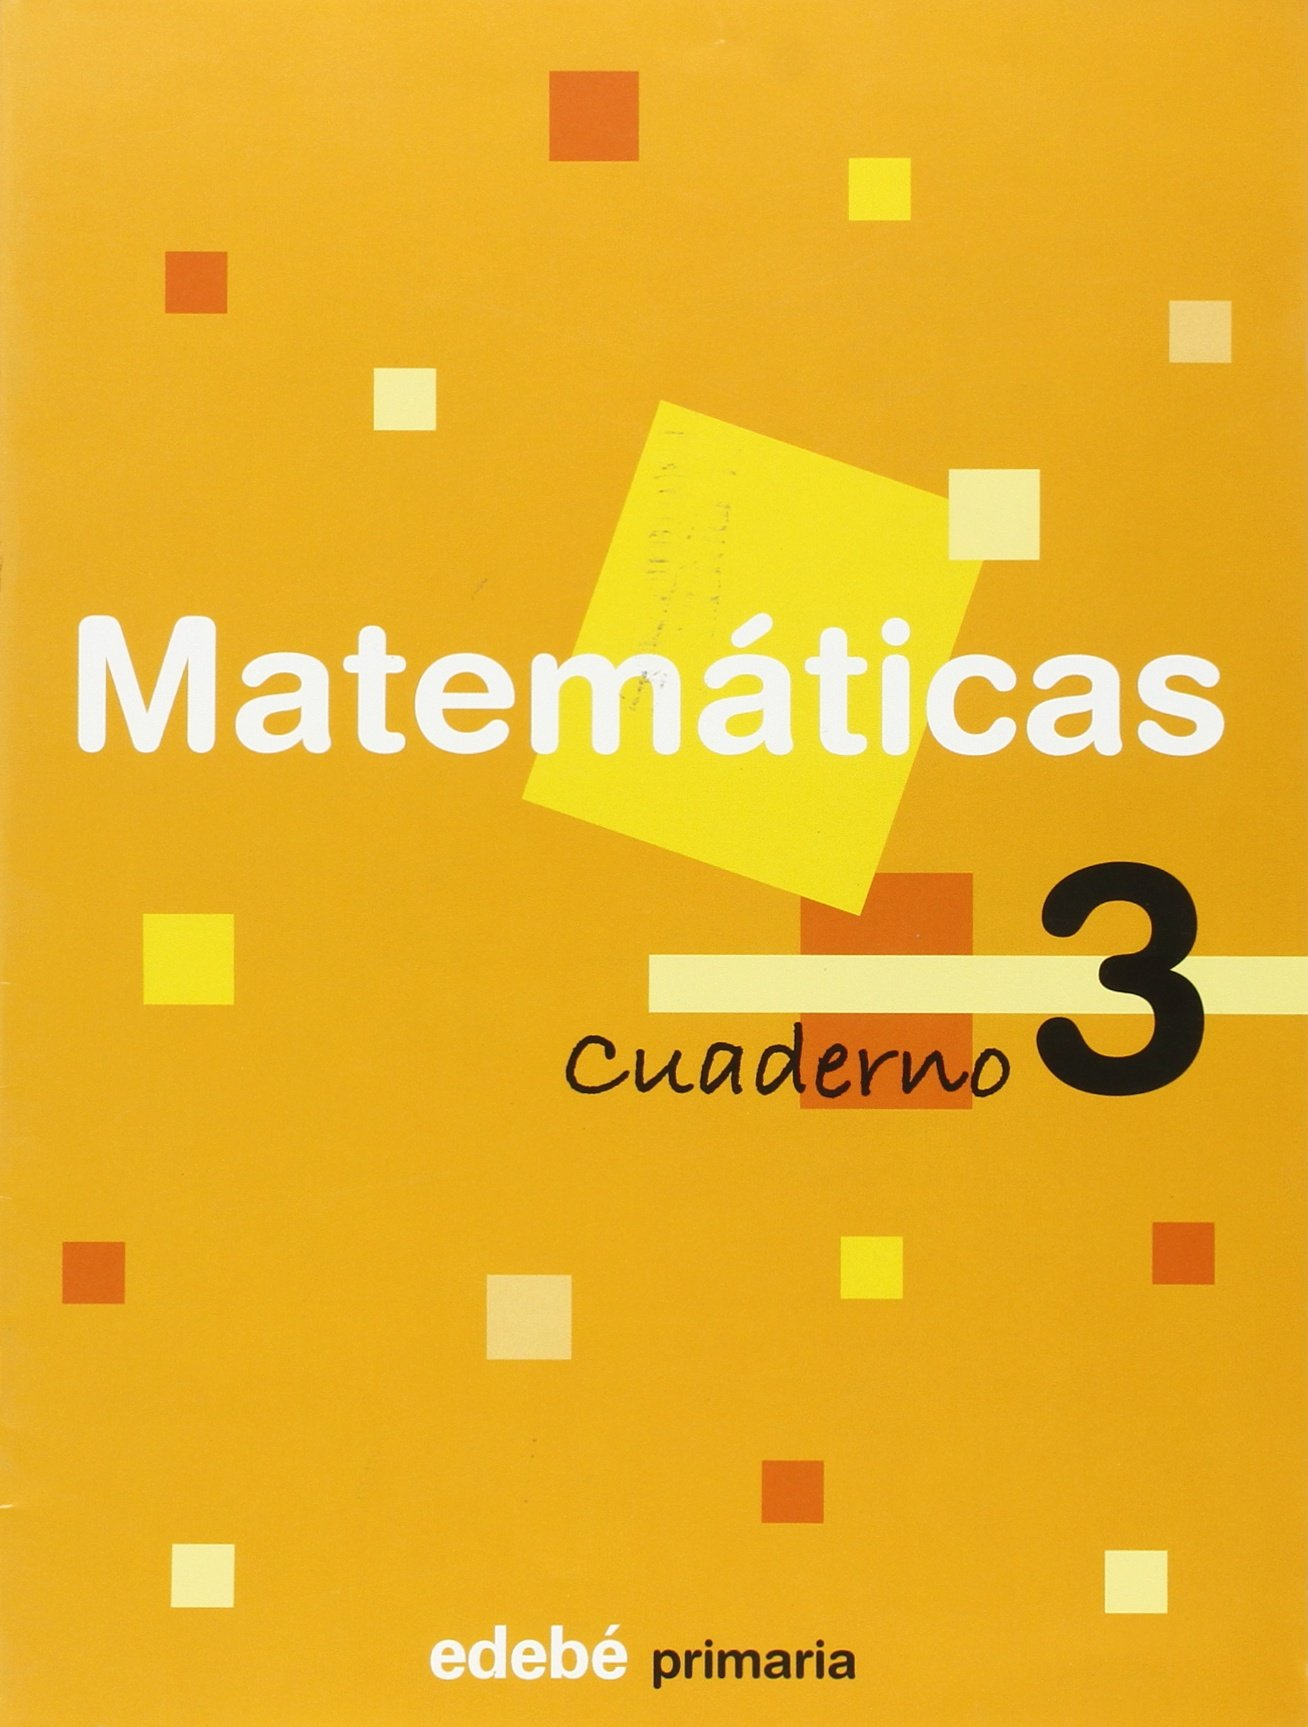 Matemáticas, 1 Educación Primaria, 1 ciclo. Cuaderno 3 (Spanish) Paperback – March 1, 2007